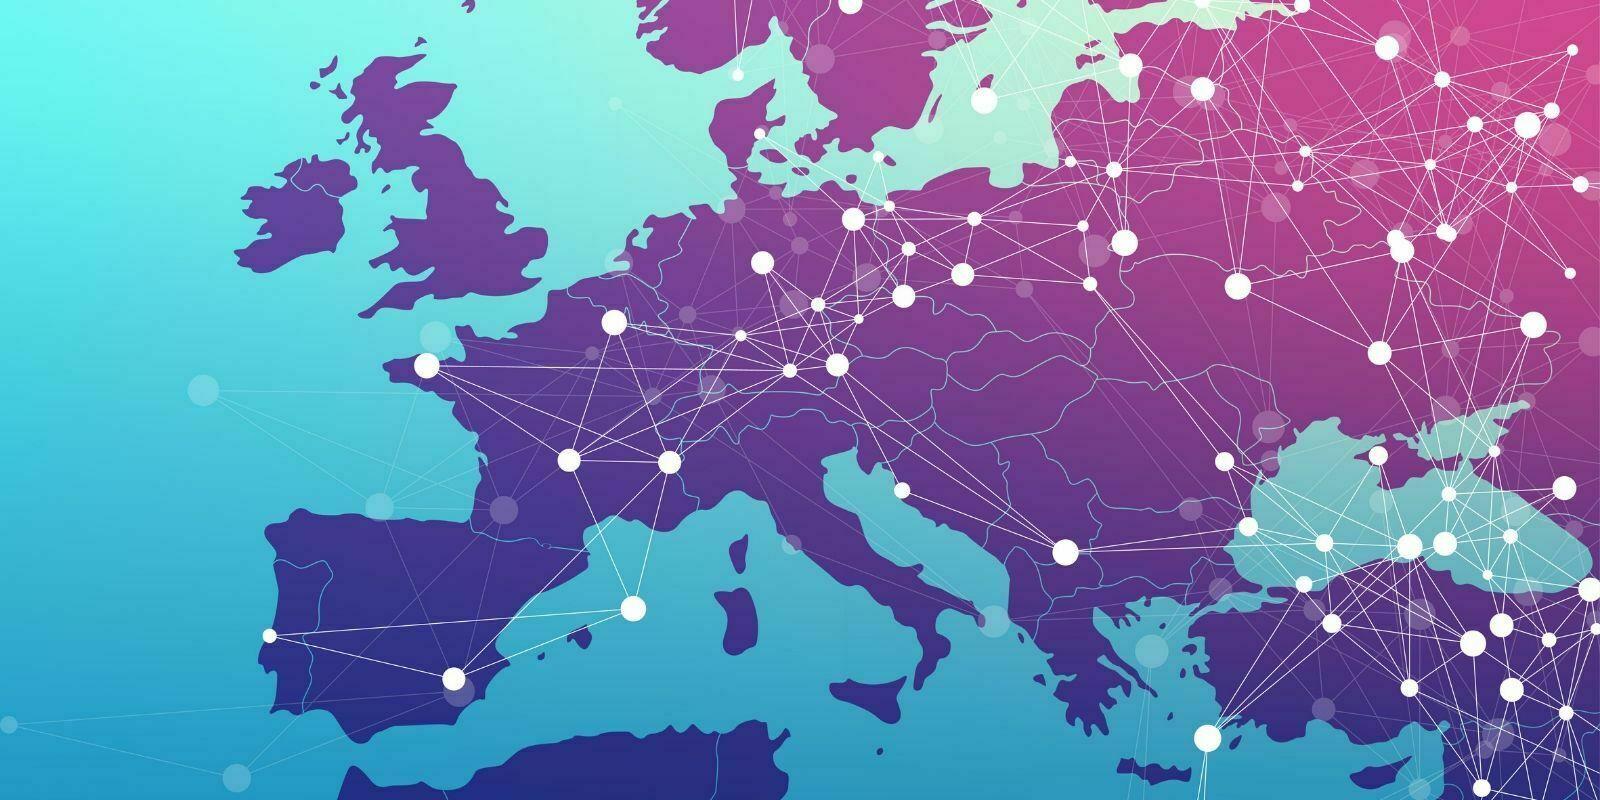 La Commission européenne prévoit d'assouplir la réglementation pour les security tokens